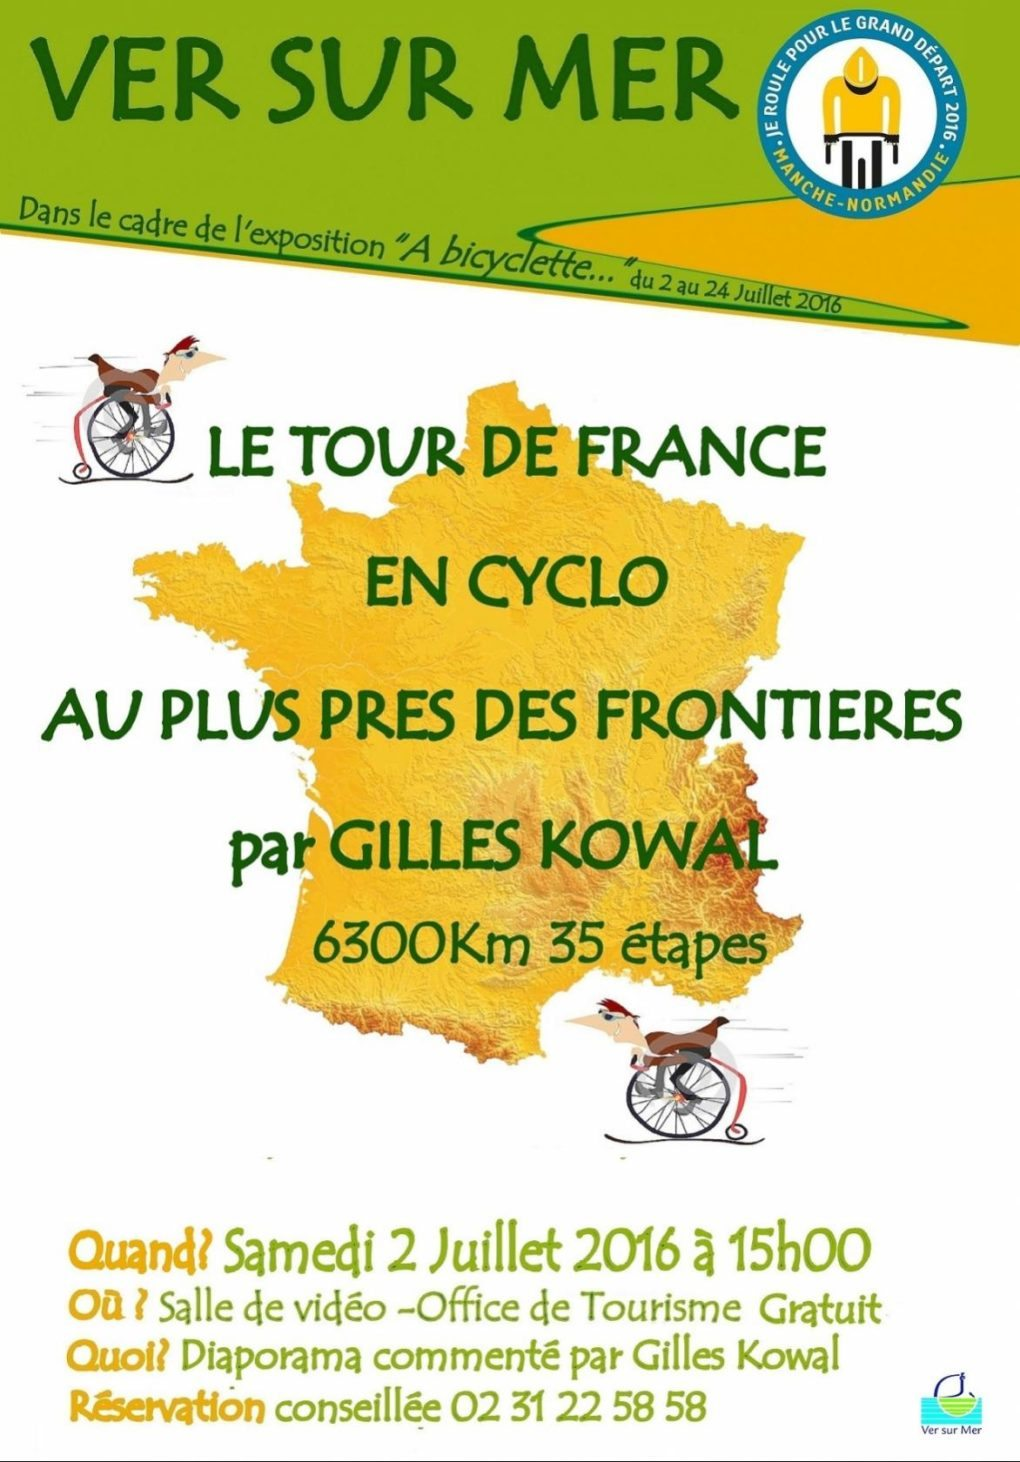 Le Tour France en cyclo au plus près des frontières G Kowal Ver-sur-Mer